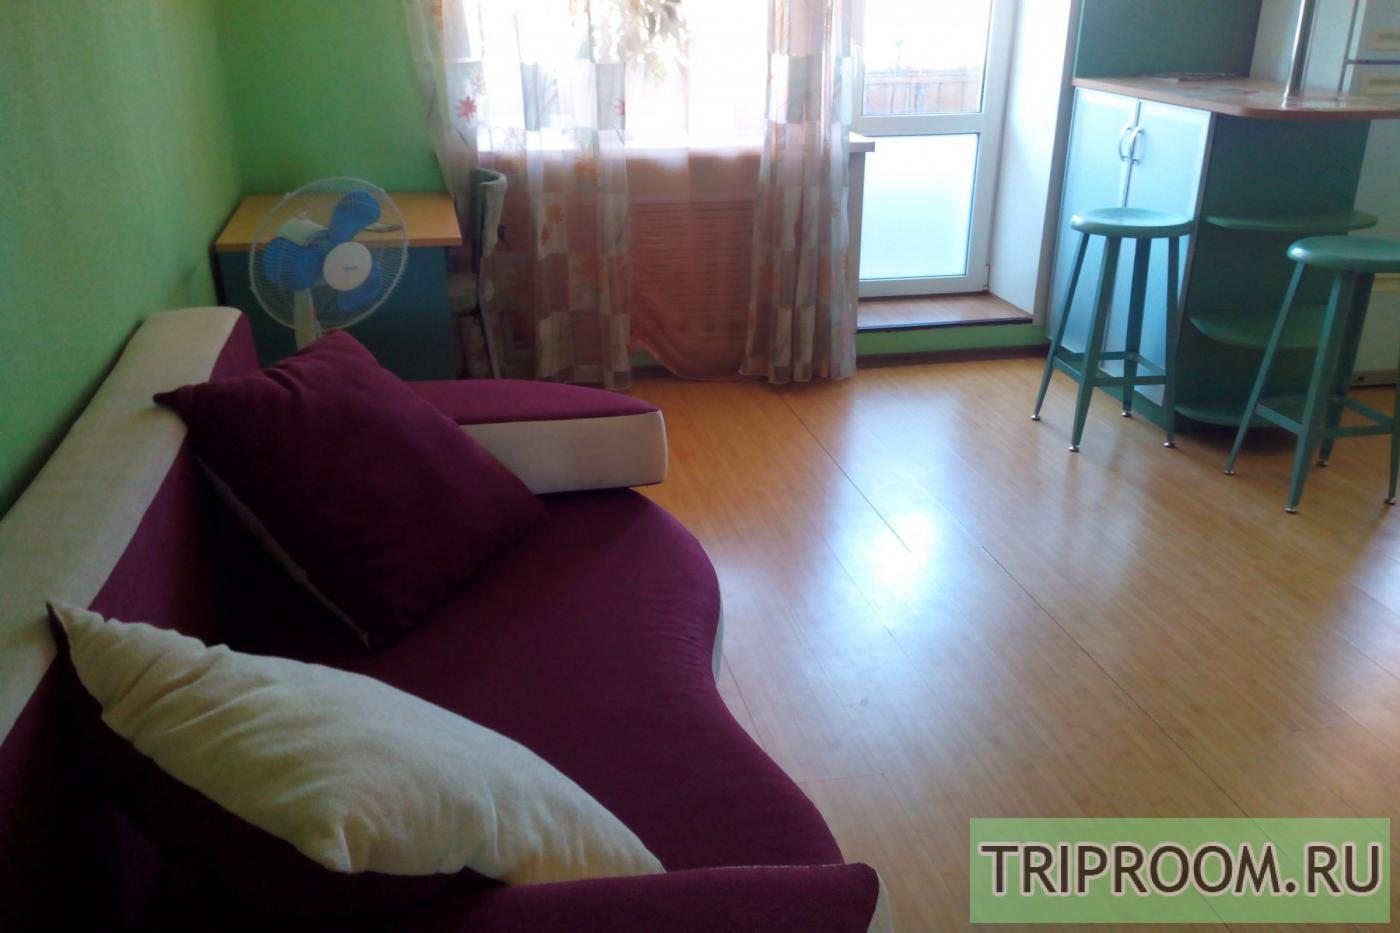 1-комнатная квартира посуточно (вариант № 8940), ул. Советская улица, фото № 18